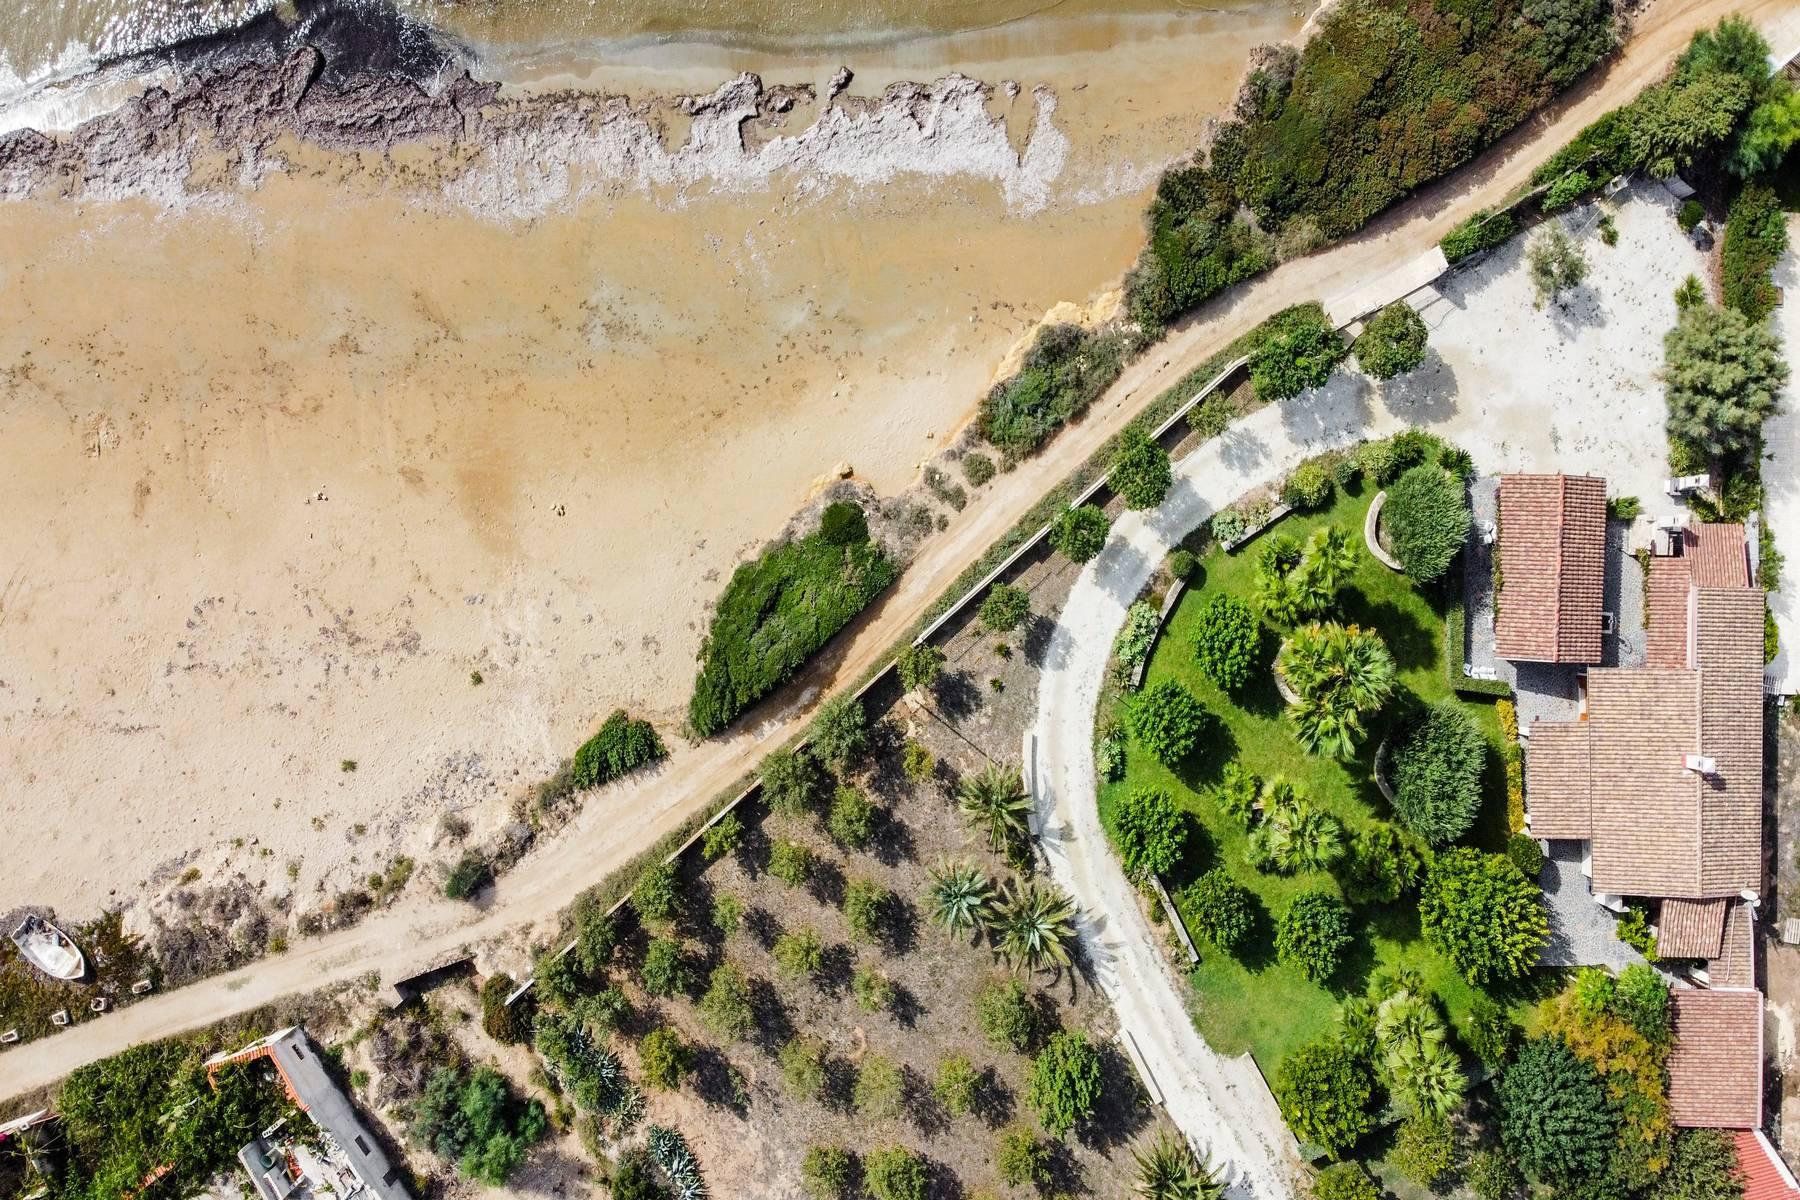 Esclusiva villa sul mare con ingresso privato in spiaggia - 33